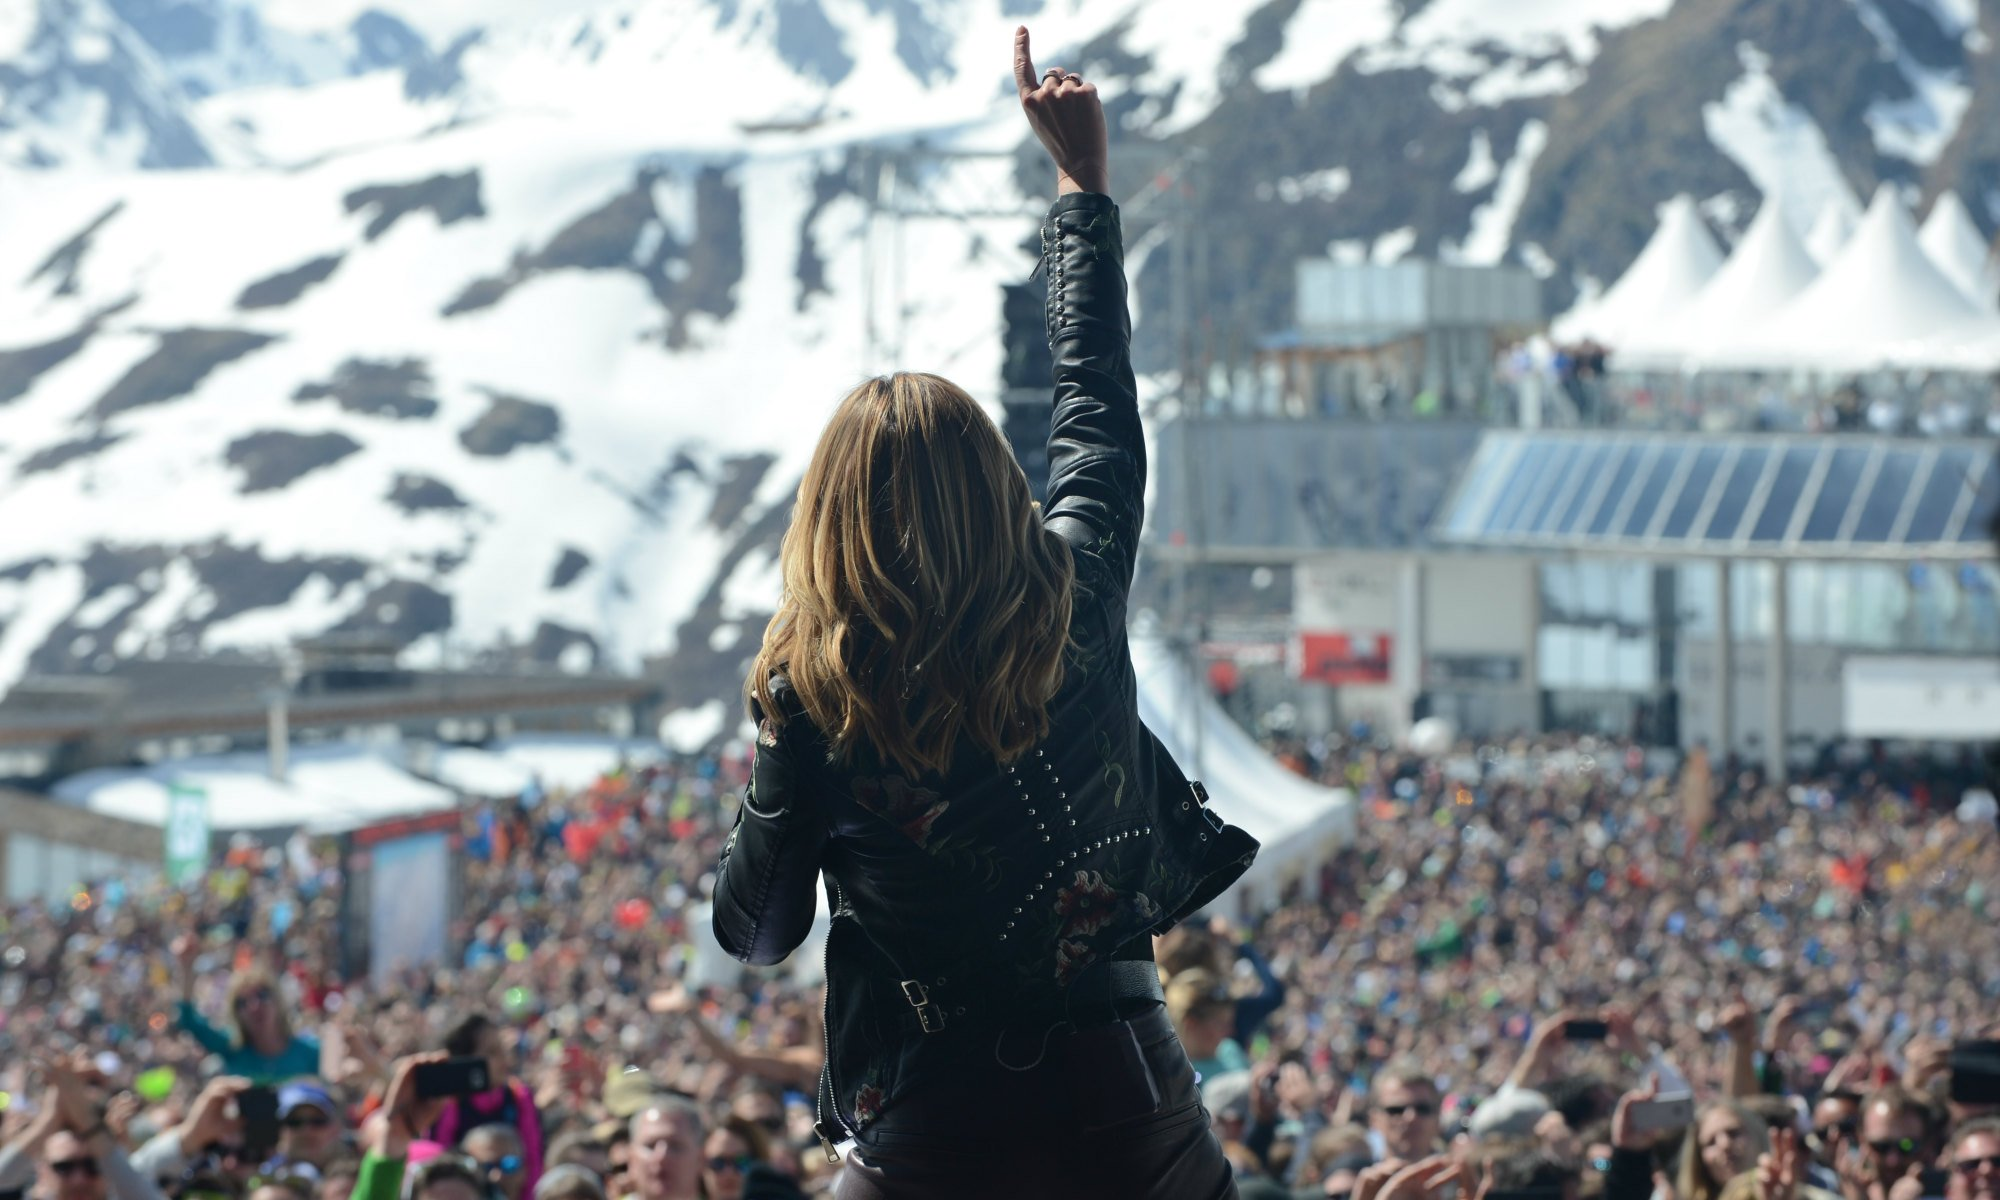 Schlagerstar Helene Fischer beim Top of the Mountain Closing Concert 2018 in Ischgl.